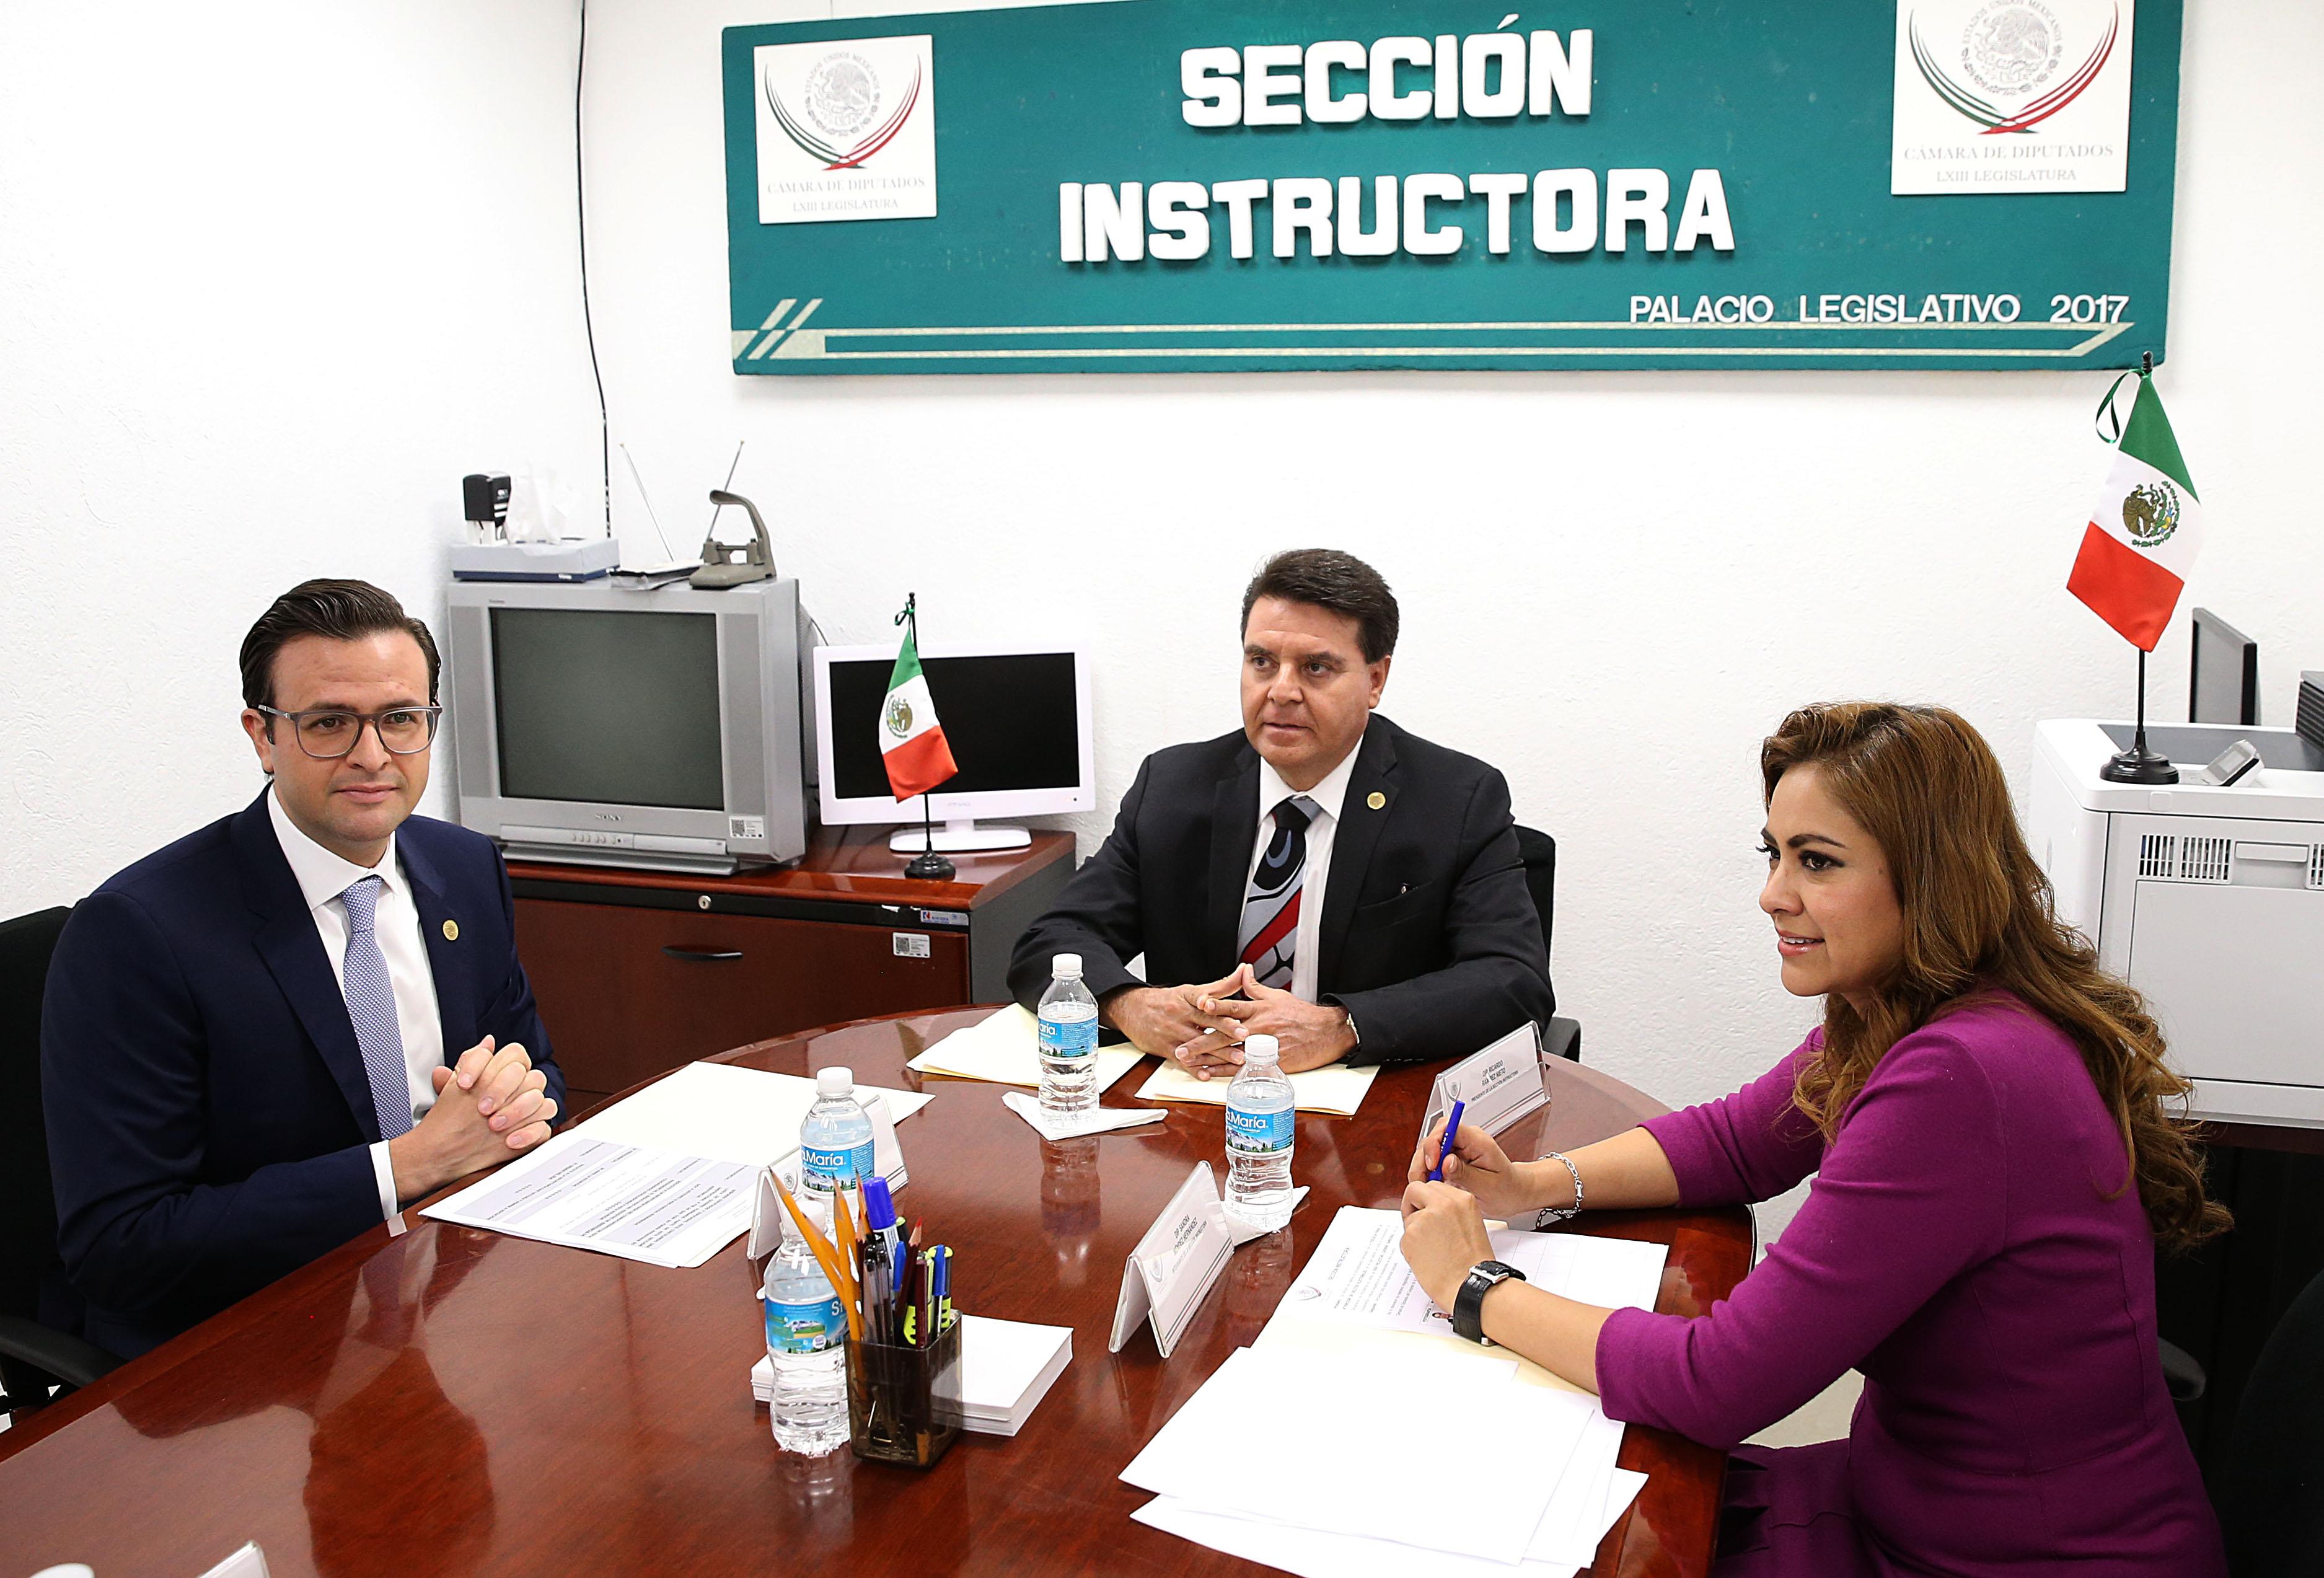 Se declara sin materia la sección instructora en el caso de Eva Cadena Sandoval: Ricardo Ramírez Nieto